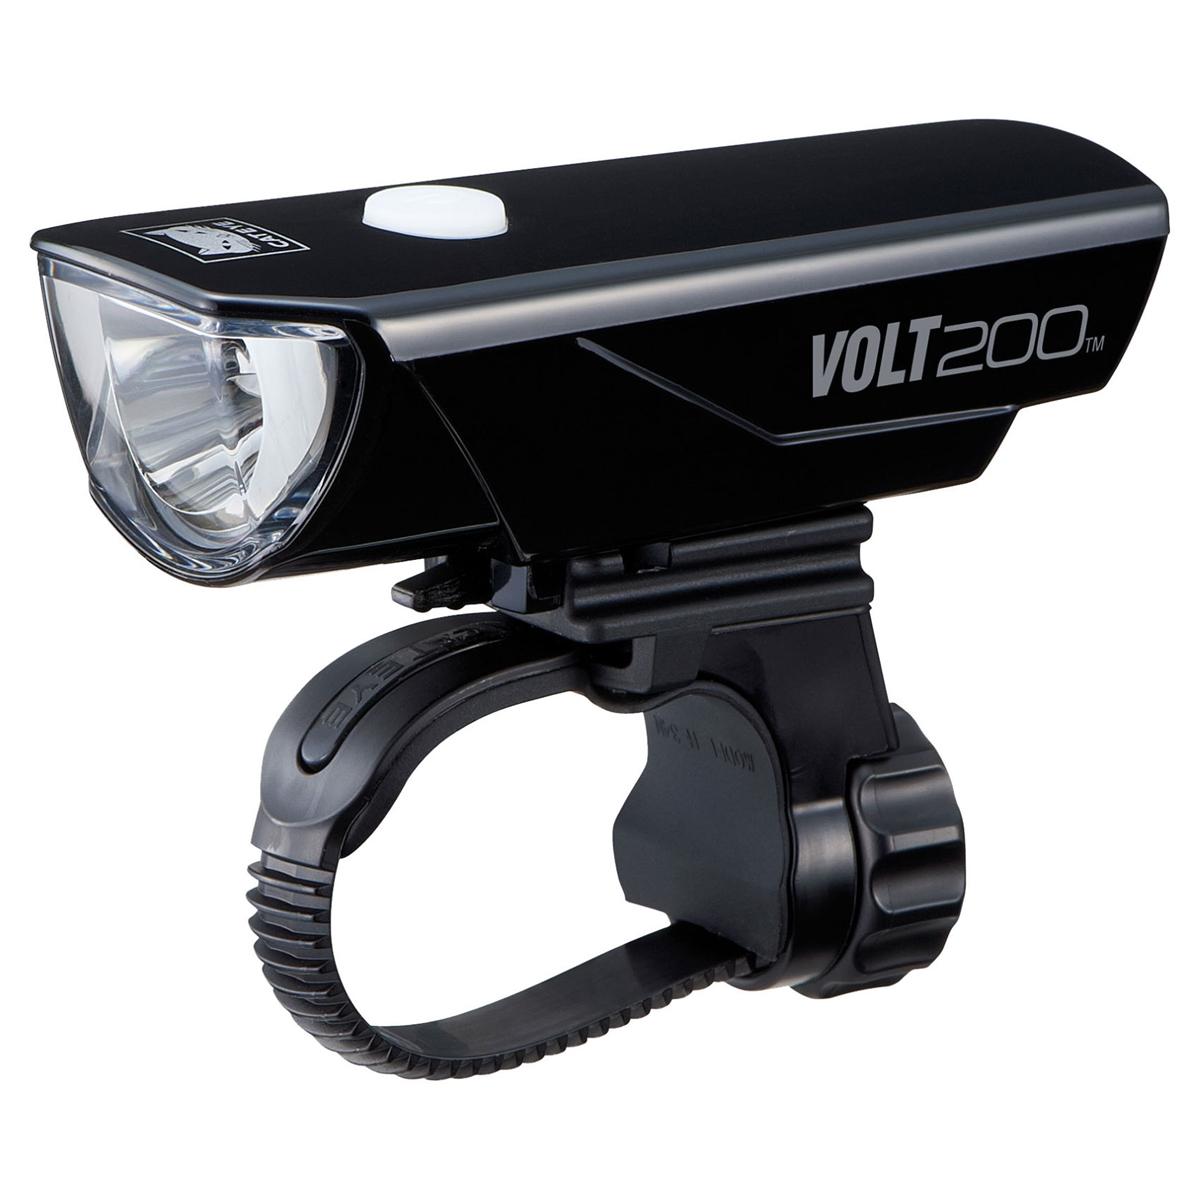 キャットアイ HL-EL151RC VOLT200 ボルト200 自転車 ライト ブラック キャットアイ ライト キャットアイ USB充電 ロードバイク クロスバイク ミニベロ